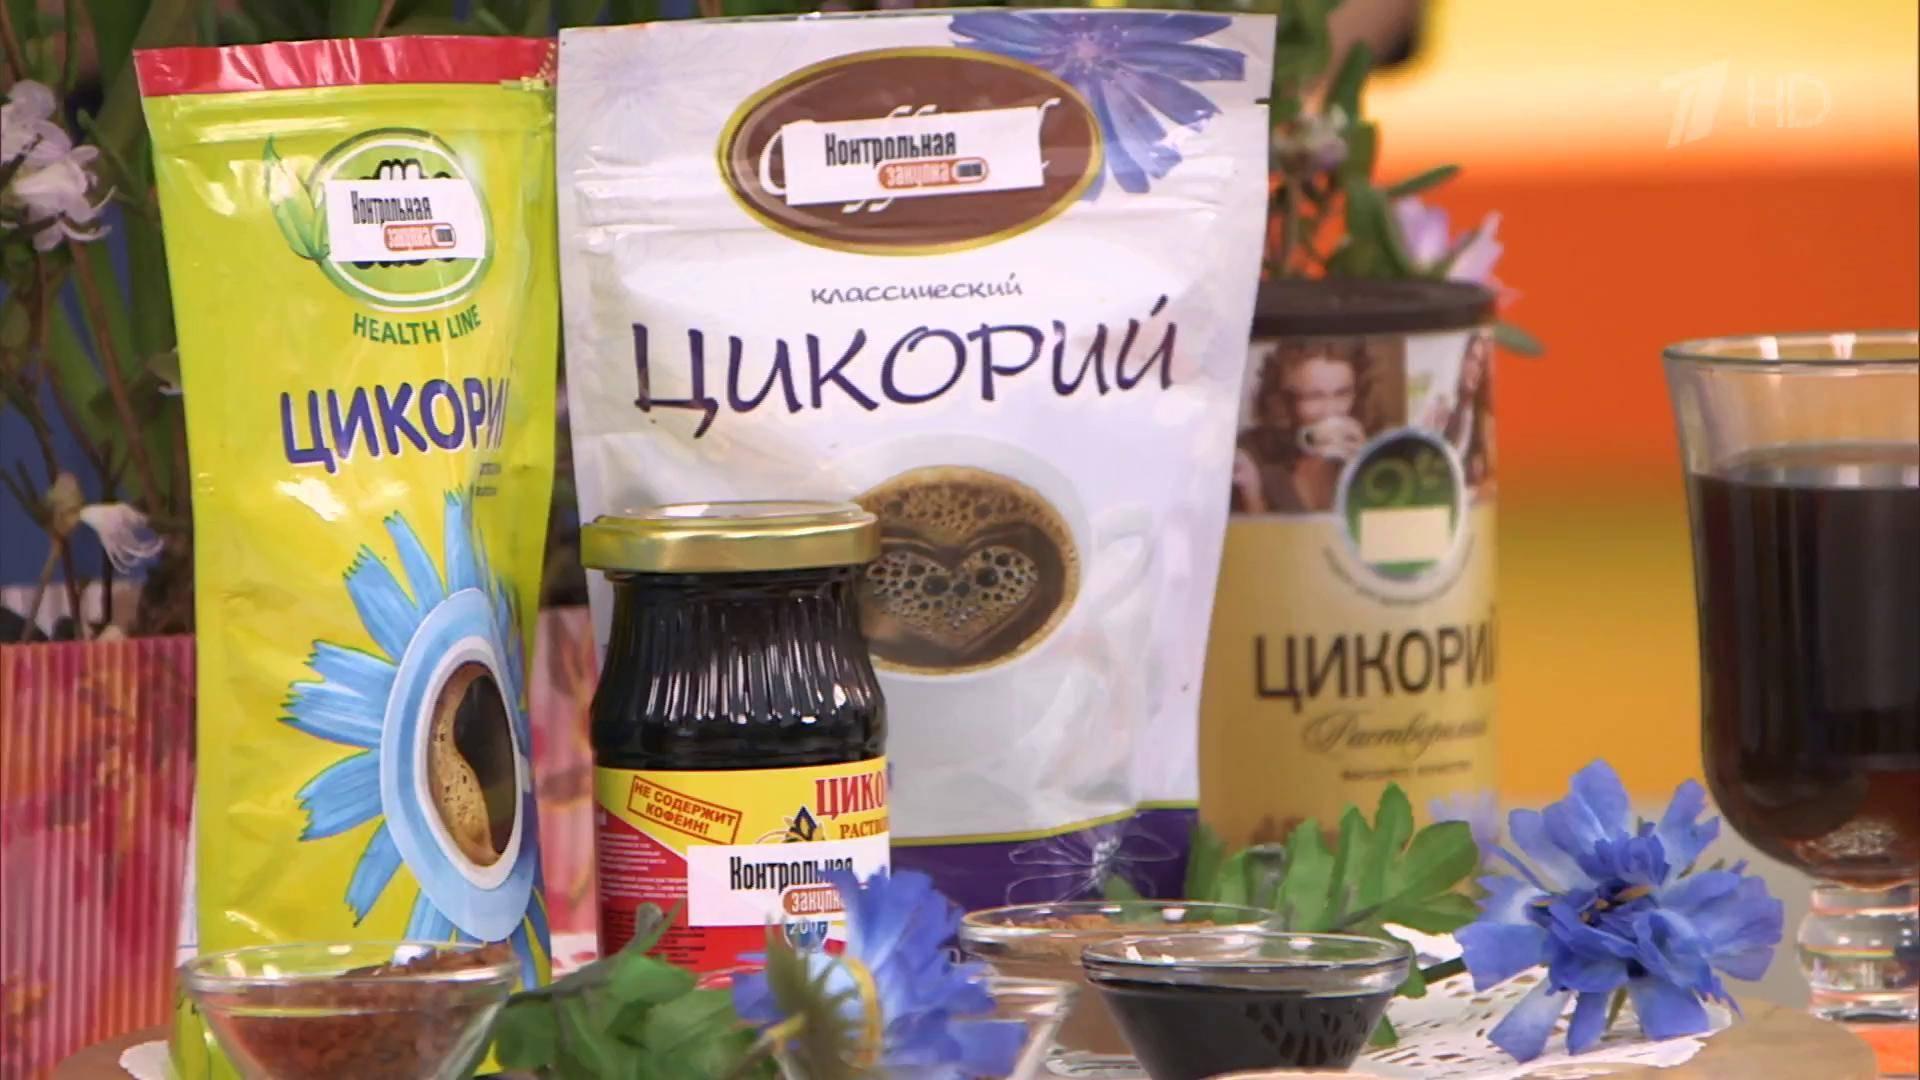 Заменитель кофе цикорий польза и вред